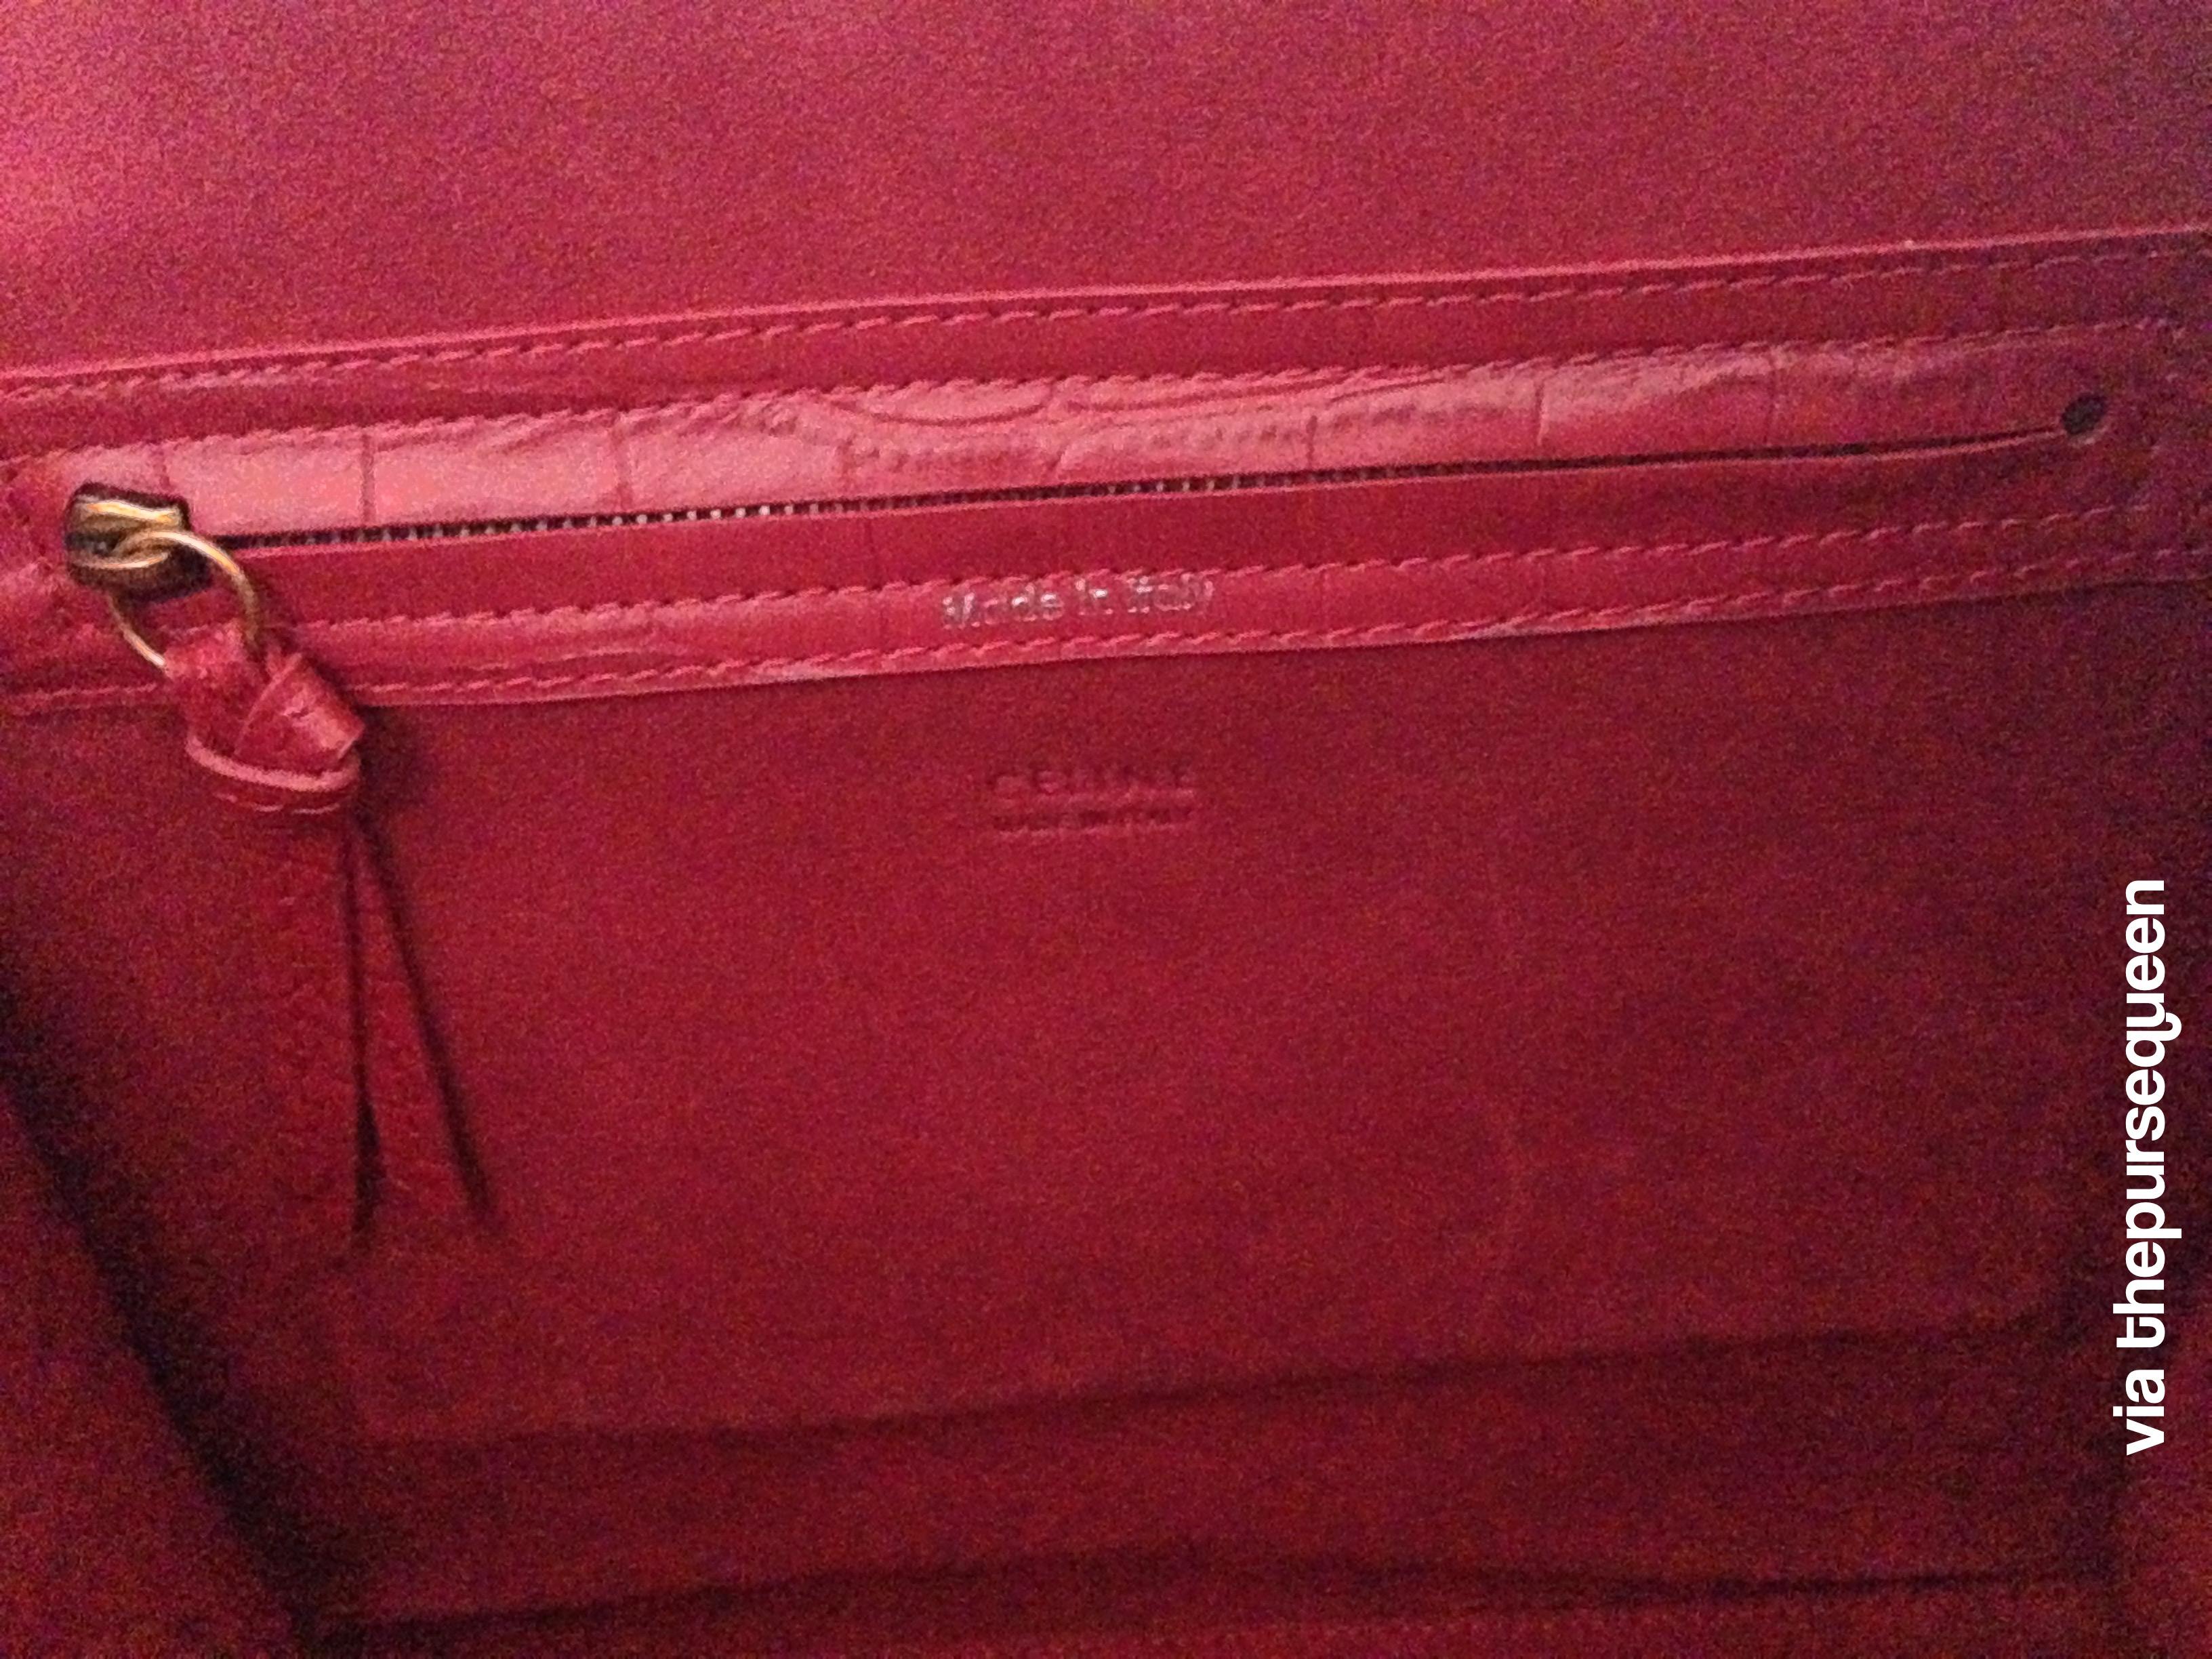 Celine Phantom Replica Review \u2013 Authentic \u0026amp; Replica Bags \u0026amp; Replica ...